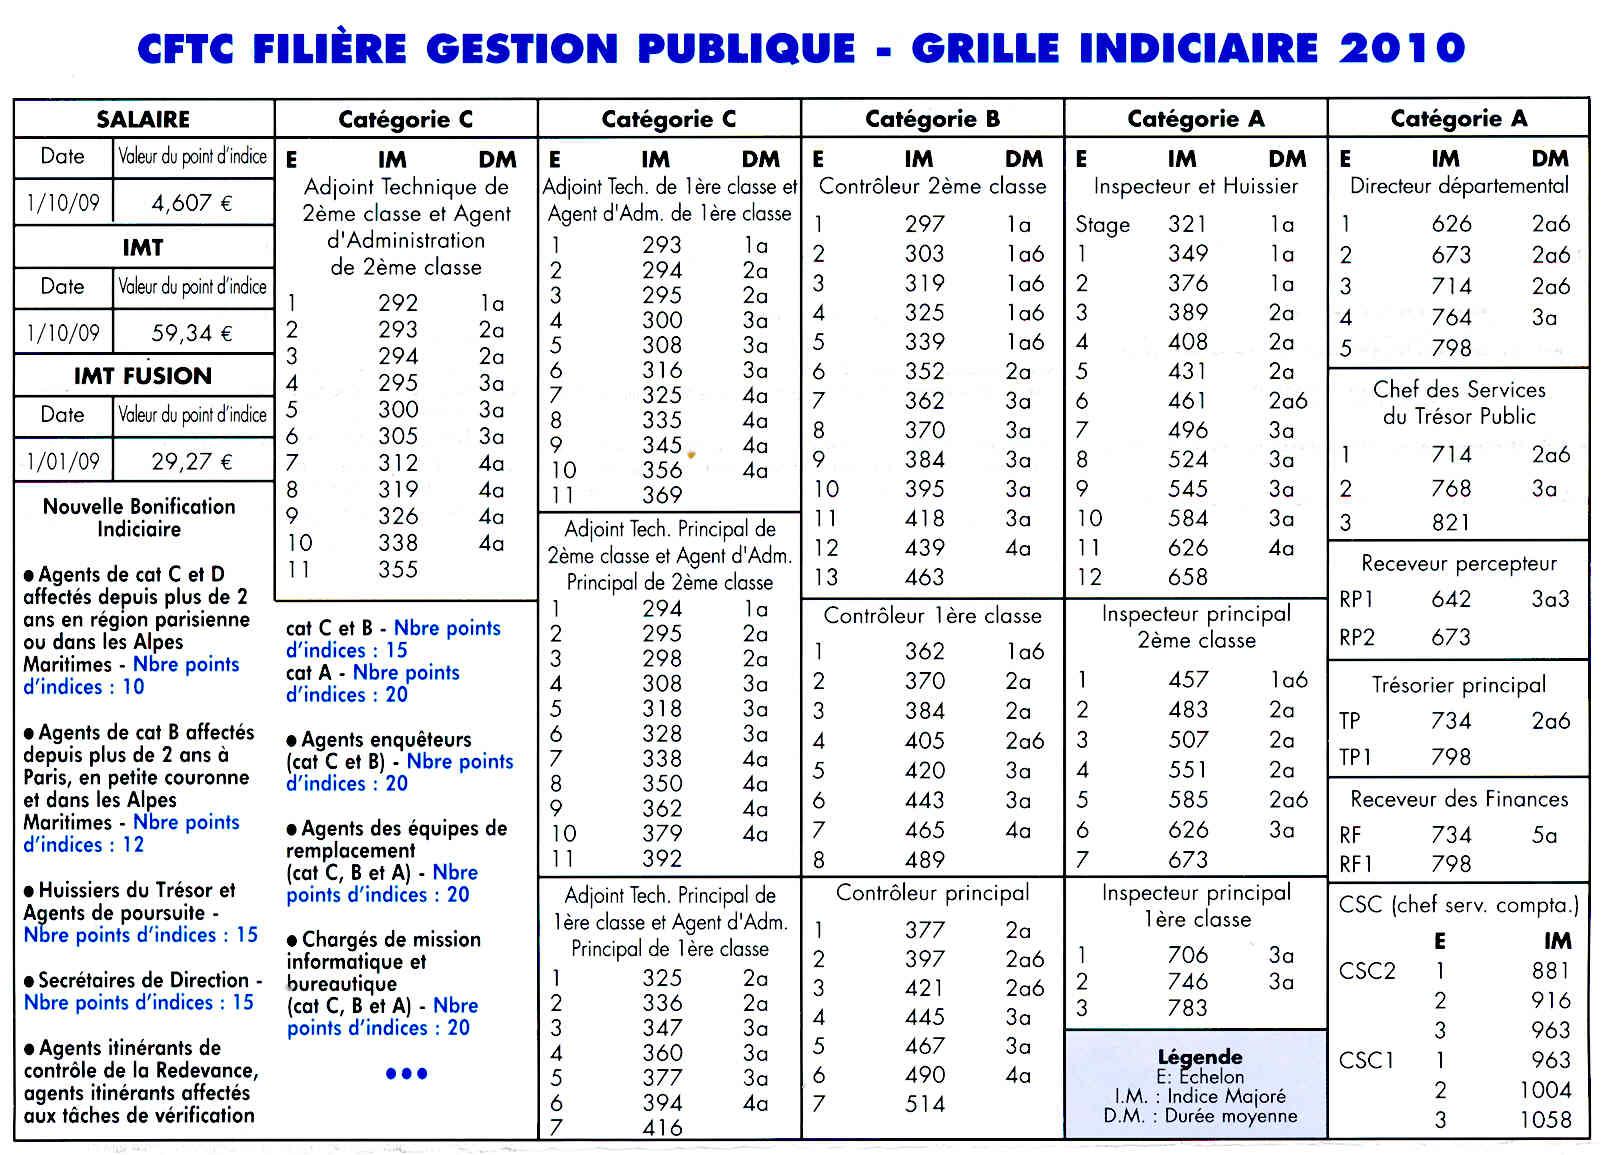 Cftc dgfip pas de calais la grille indiciaire 2010 - Refonte de la grille indiciaire de la categorie c ...